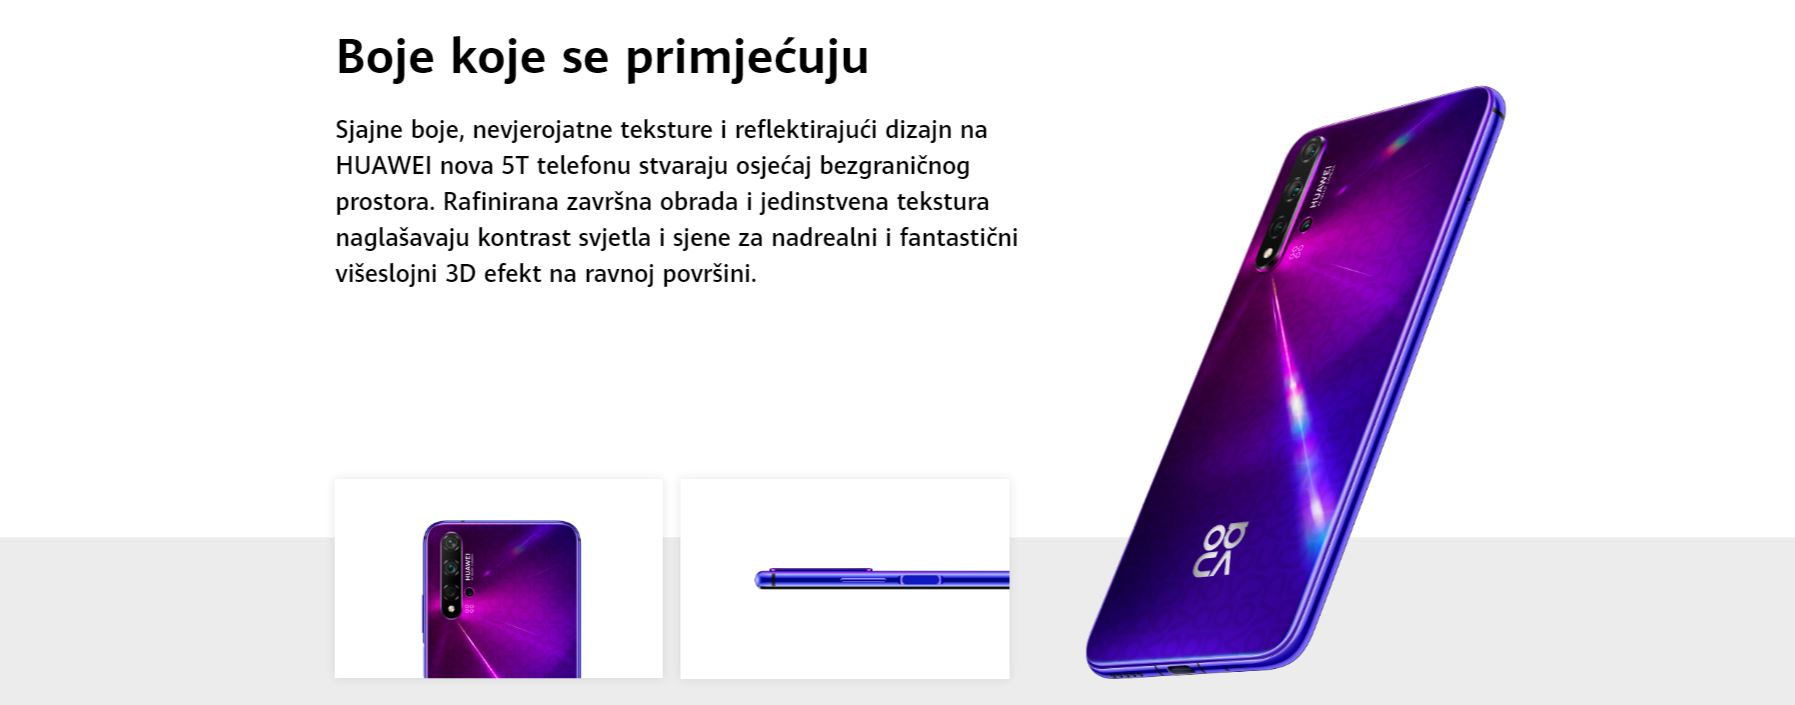 nova53.JPG